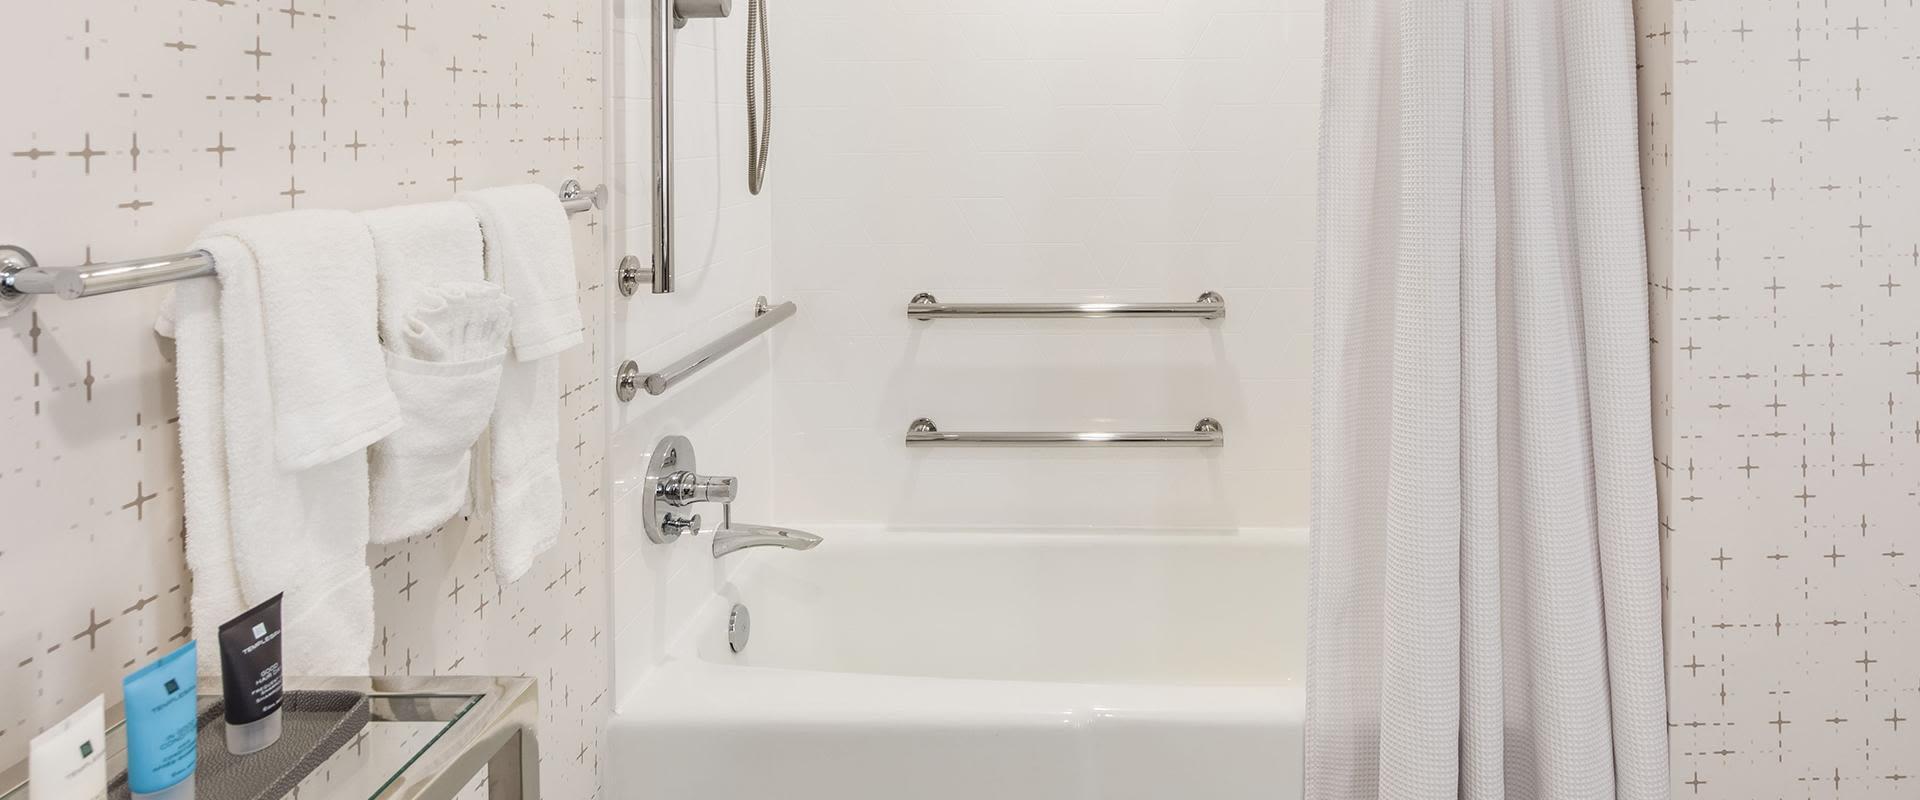 Denver Accessible Bathroom Interior